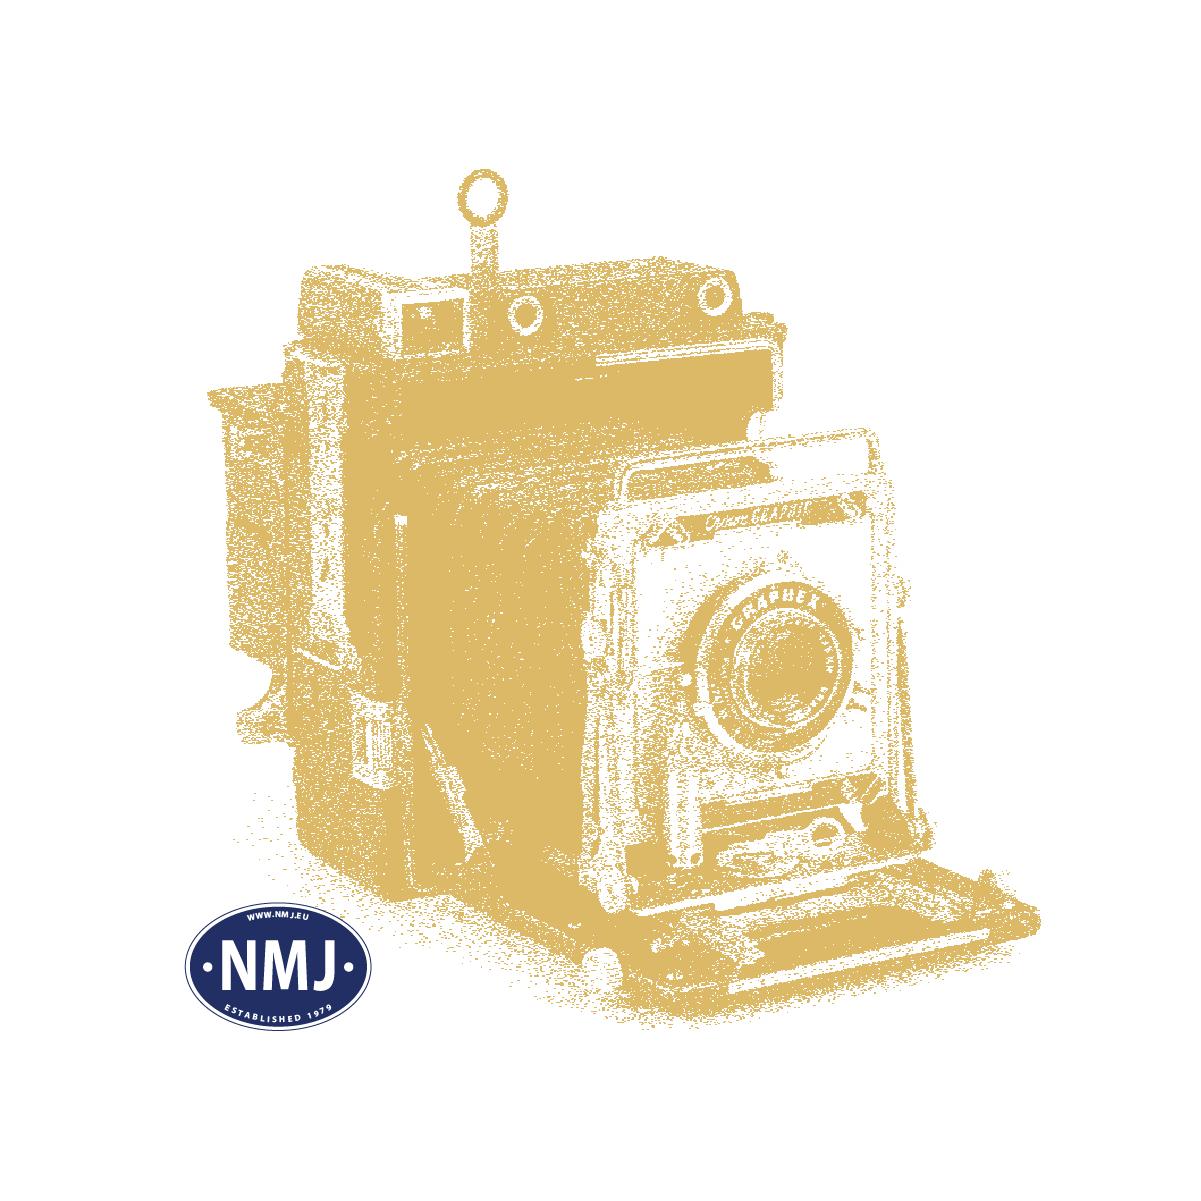 NMJT504.105 - NMJ Topline NSB G5 44008, Original Versjon